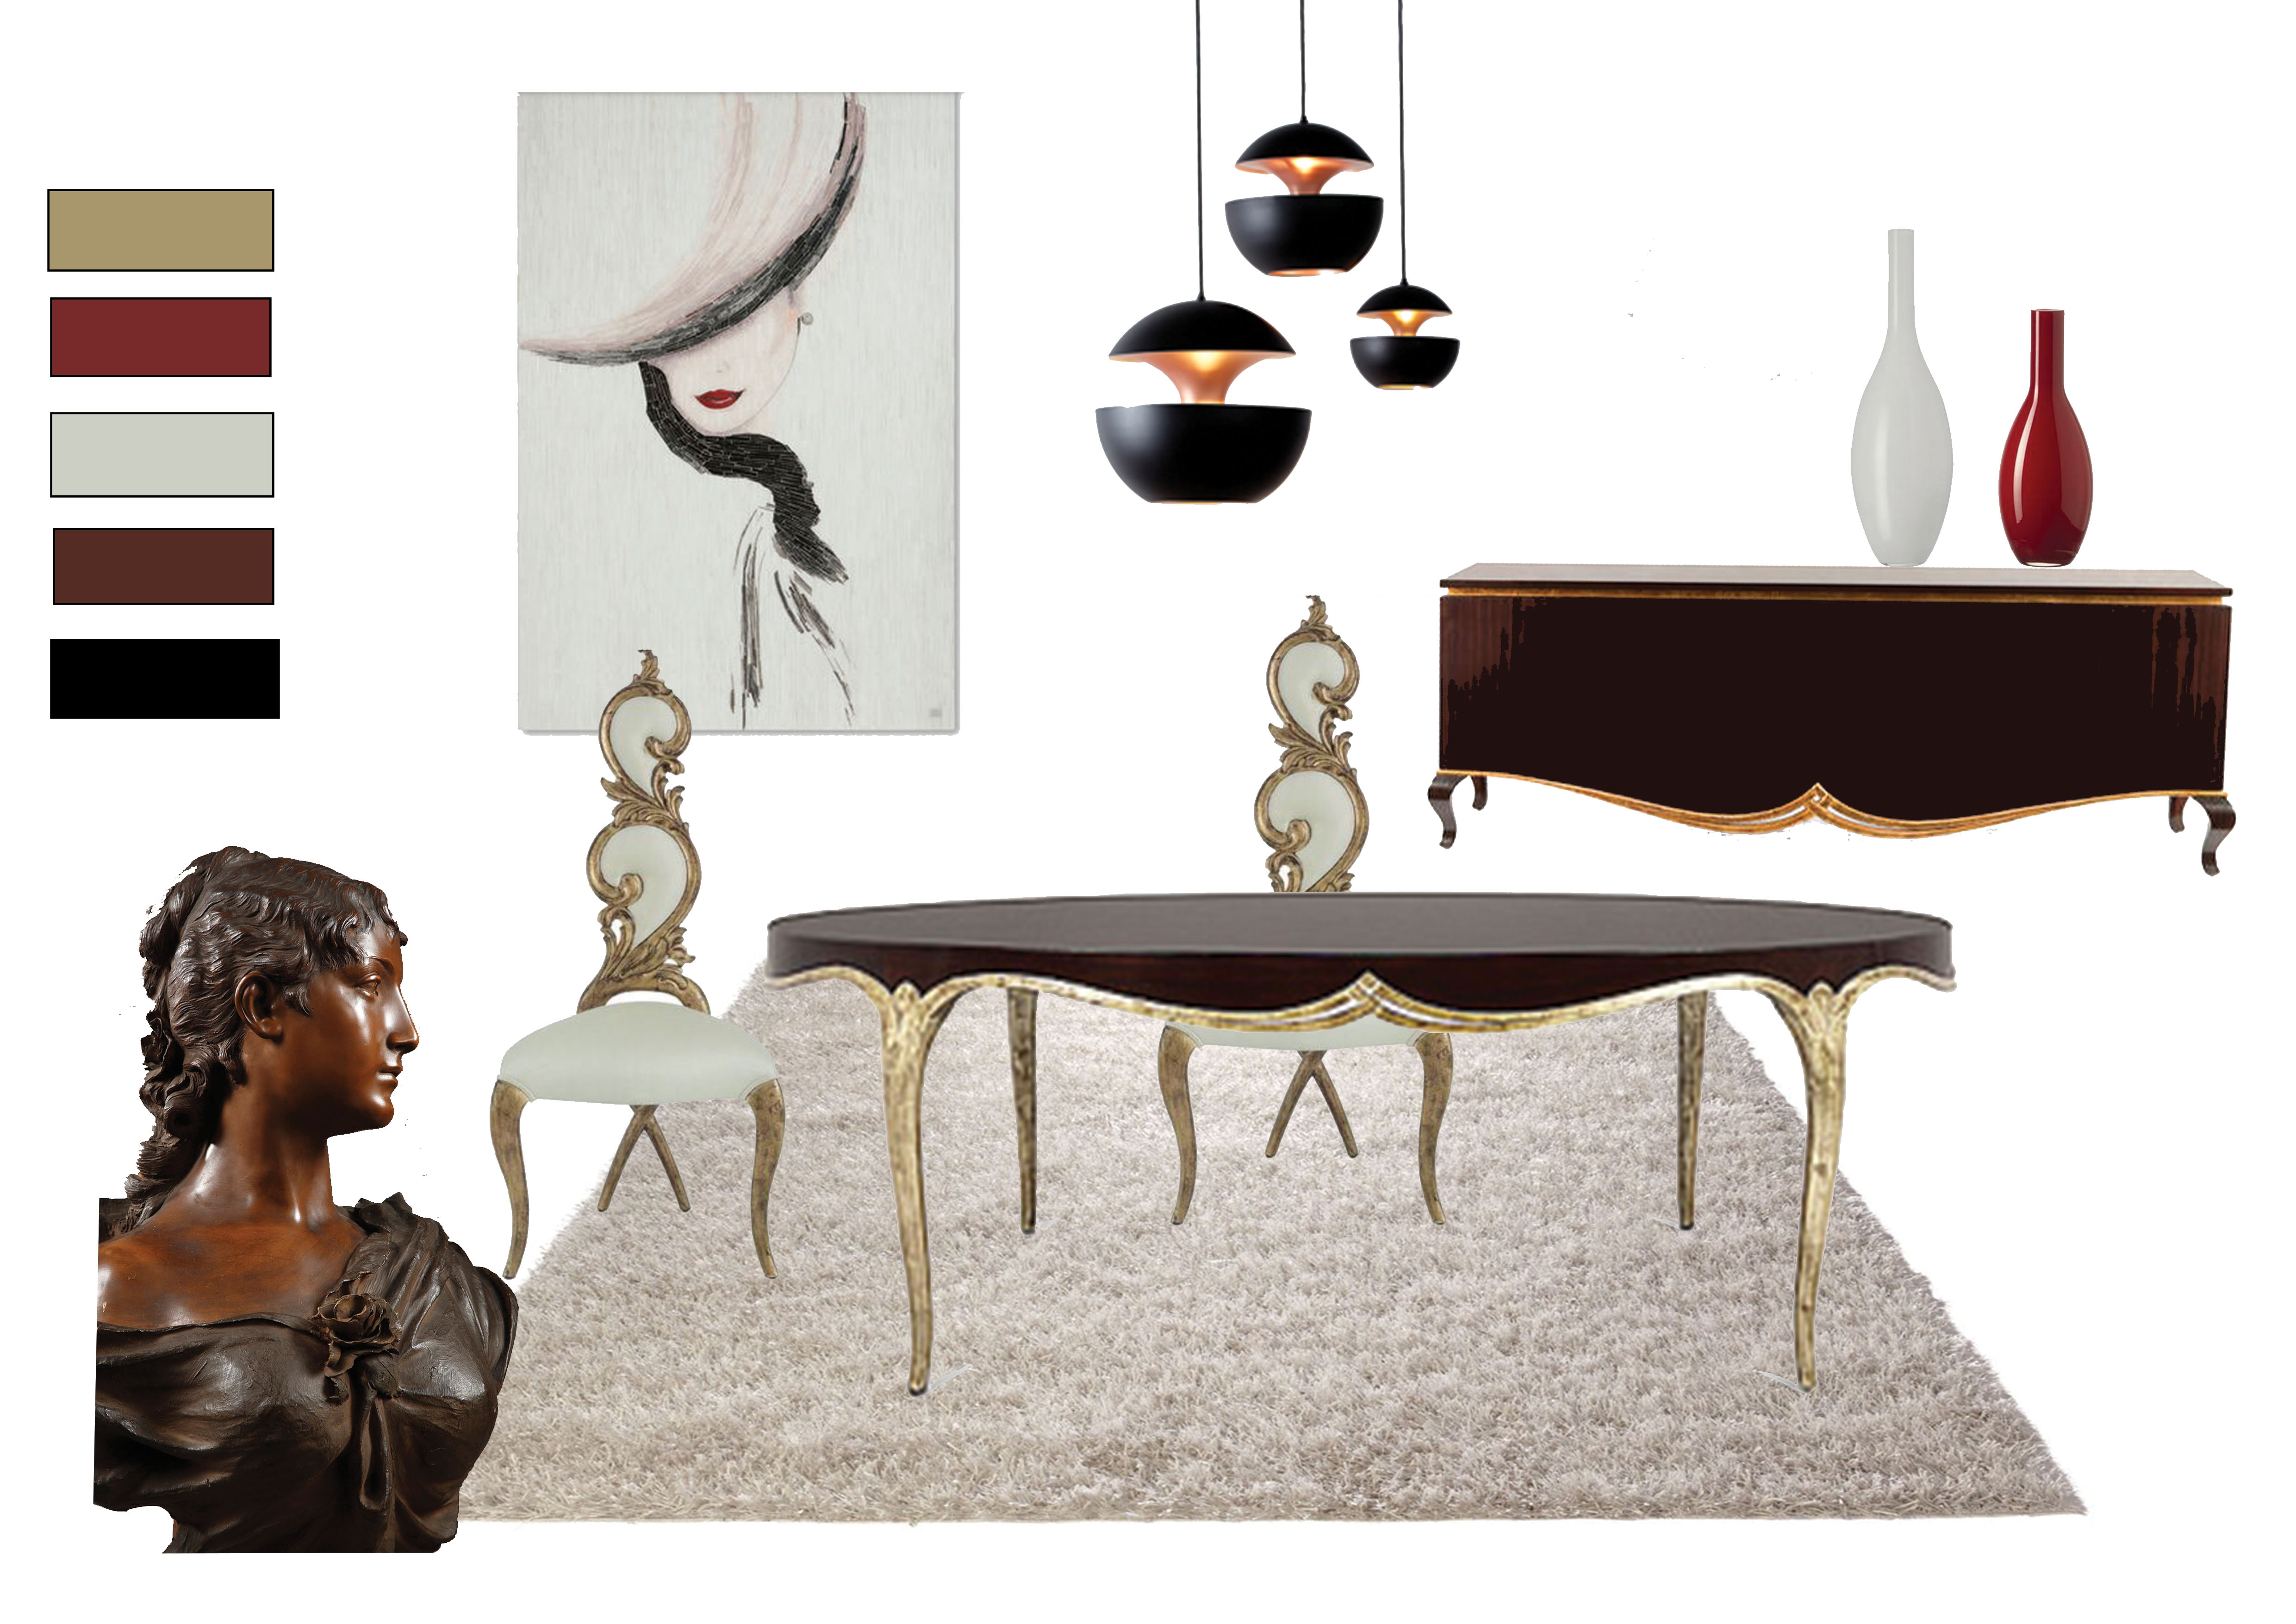 planche de mobilier de salle à manger style art déco